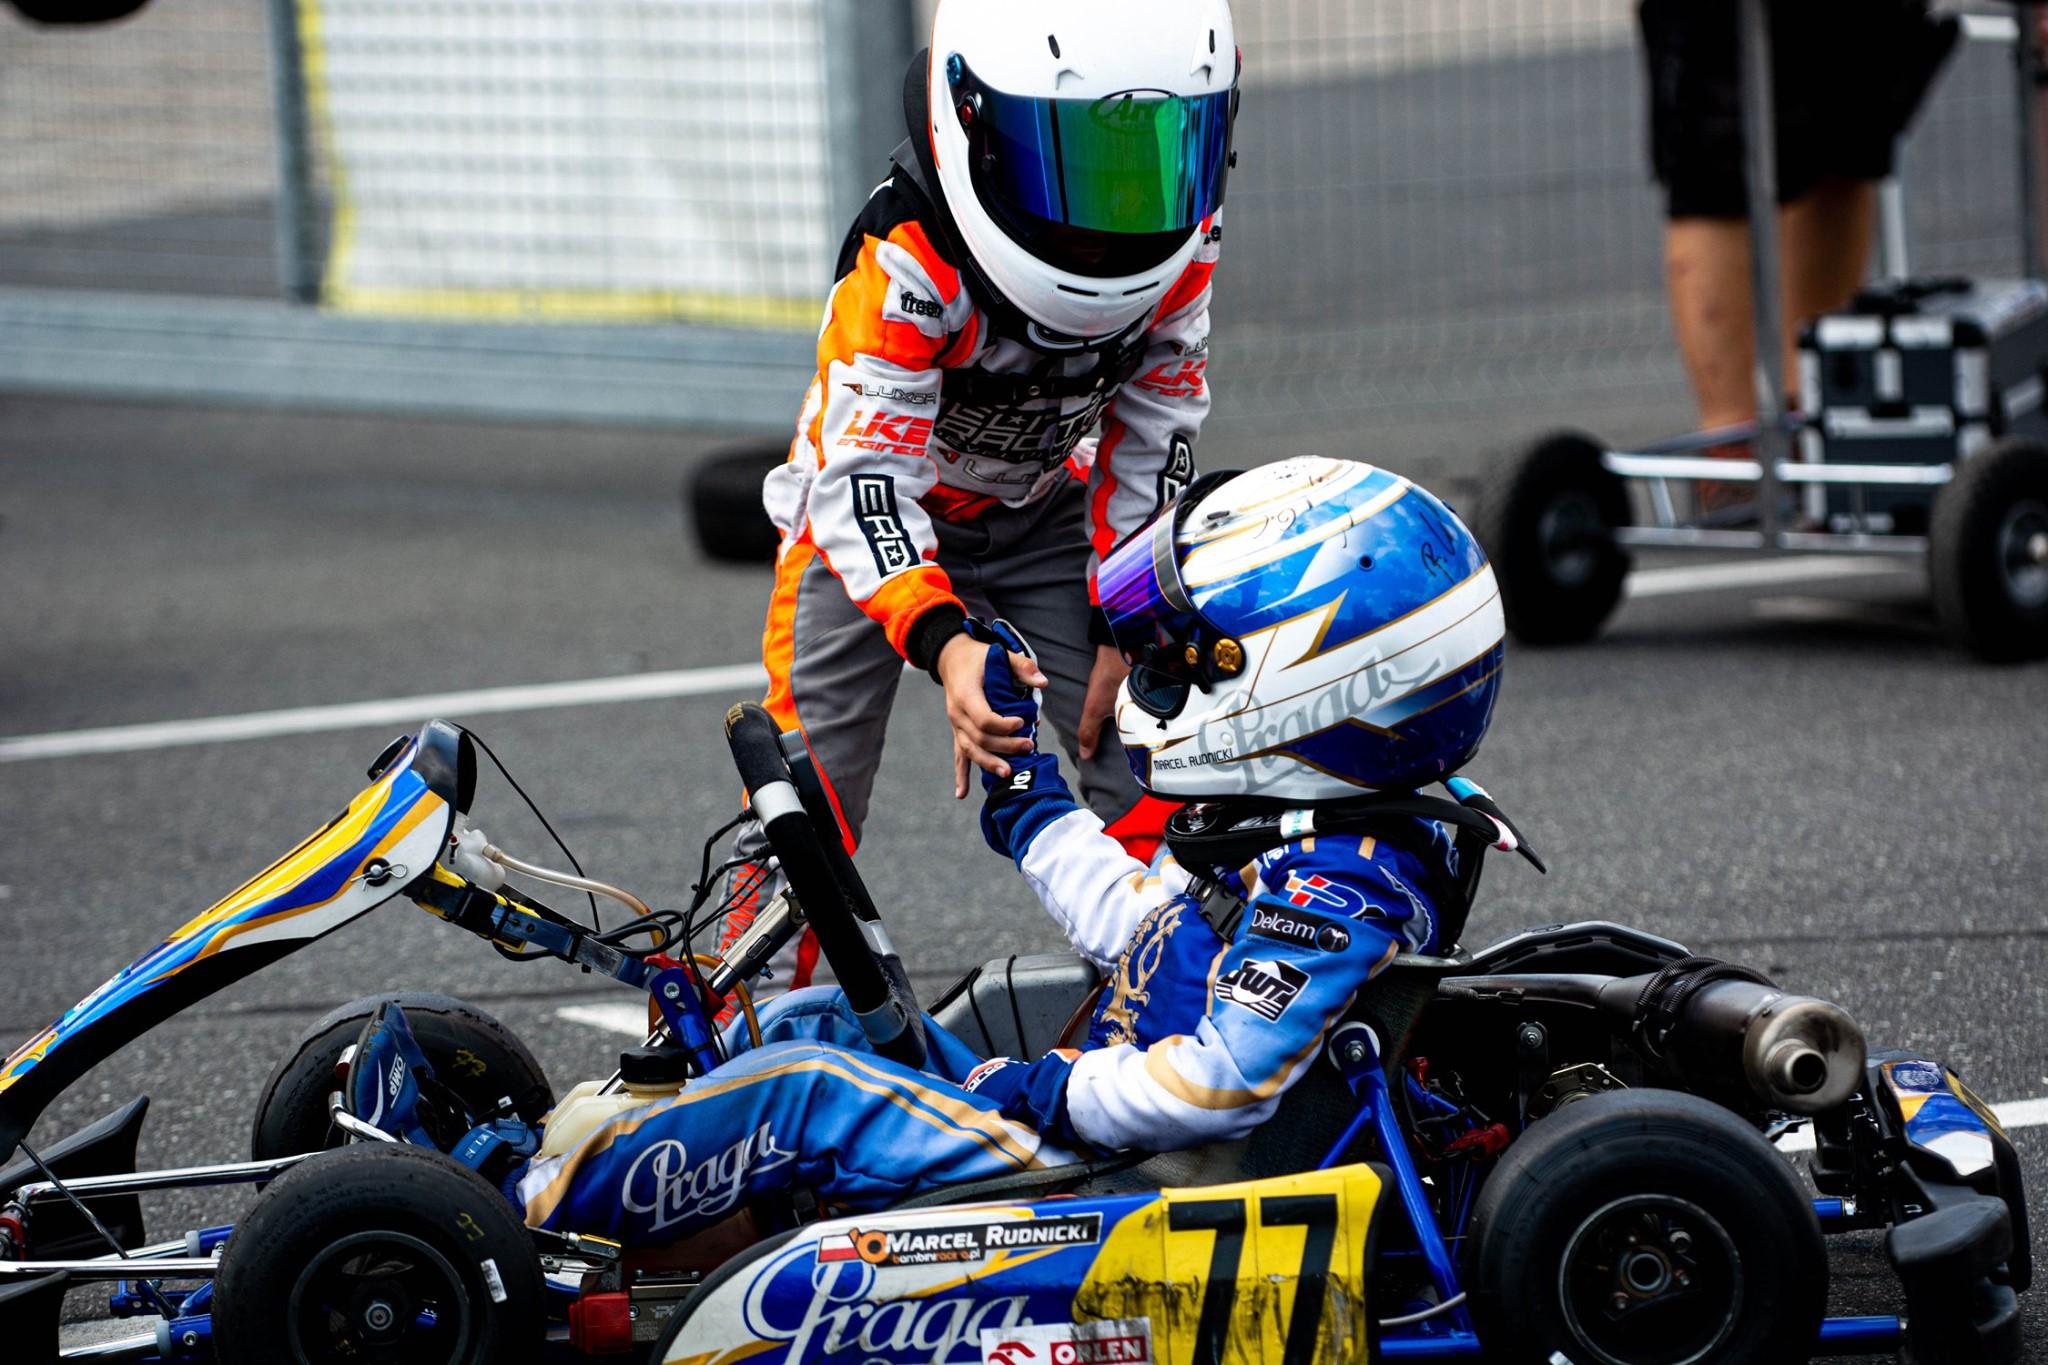 Marcel Rudnicki - Bambini Racing - karting